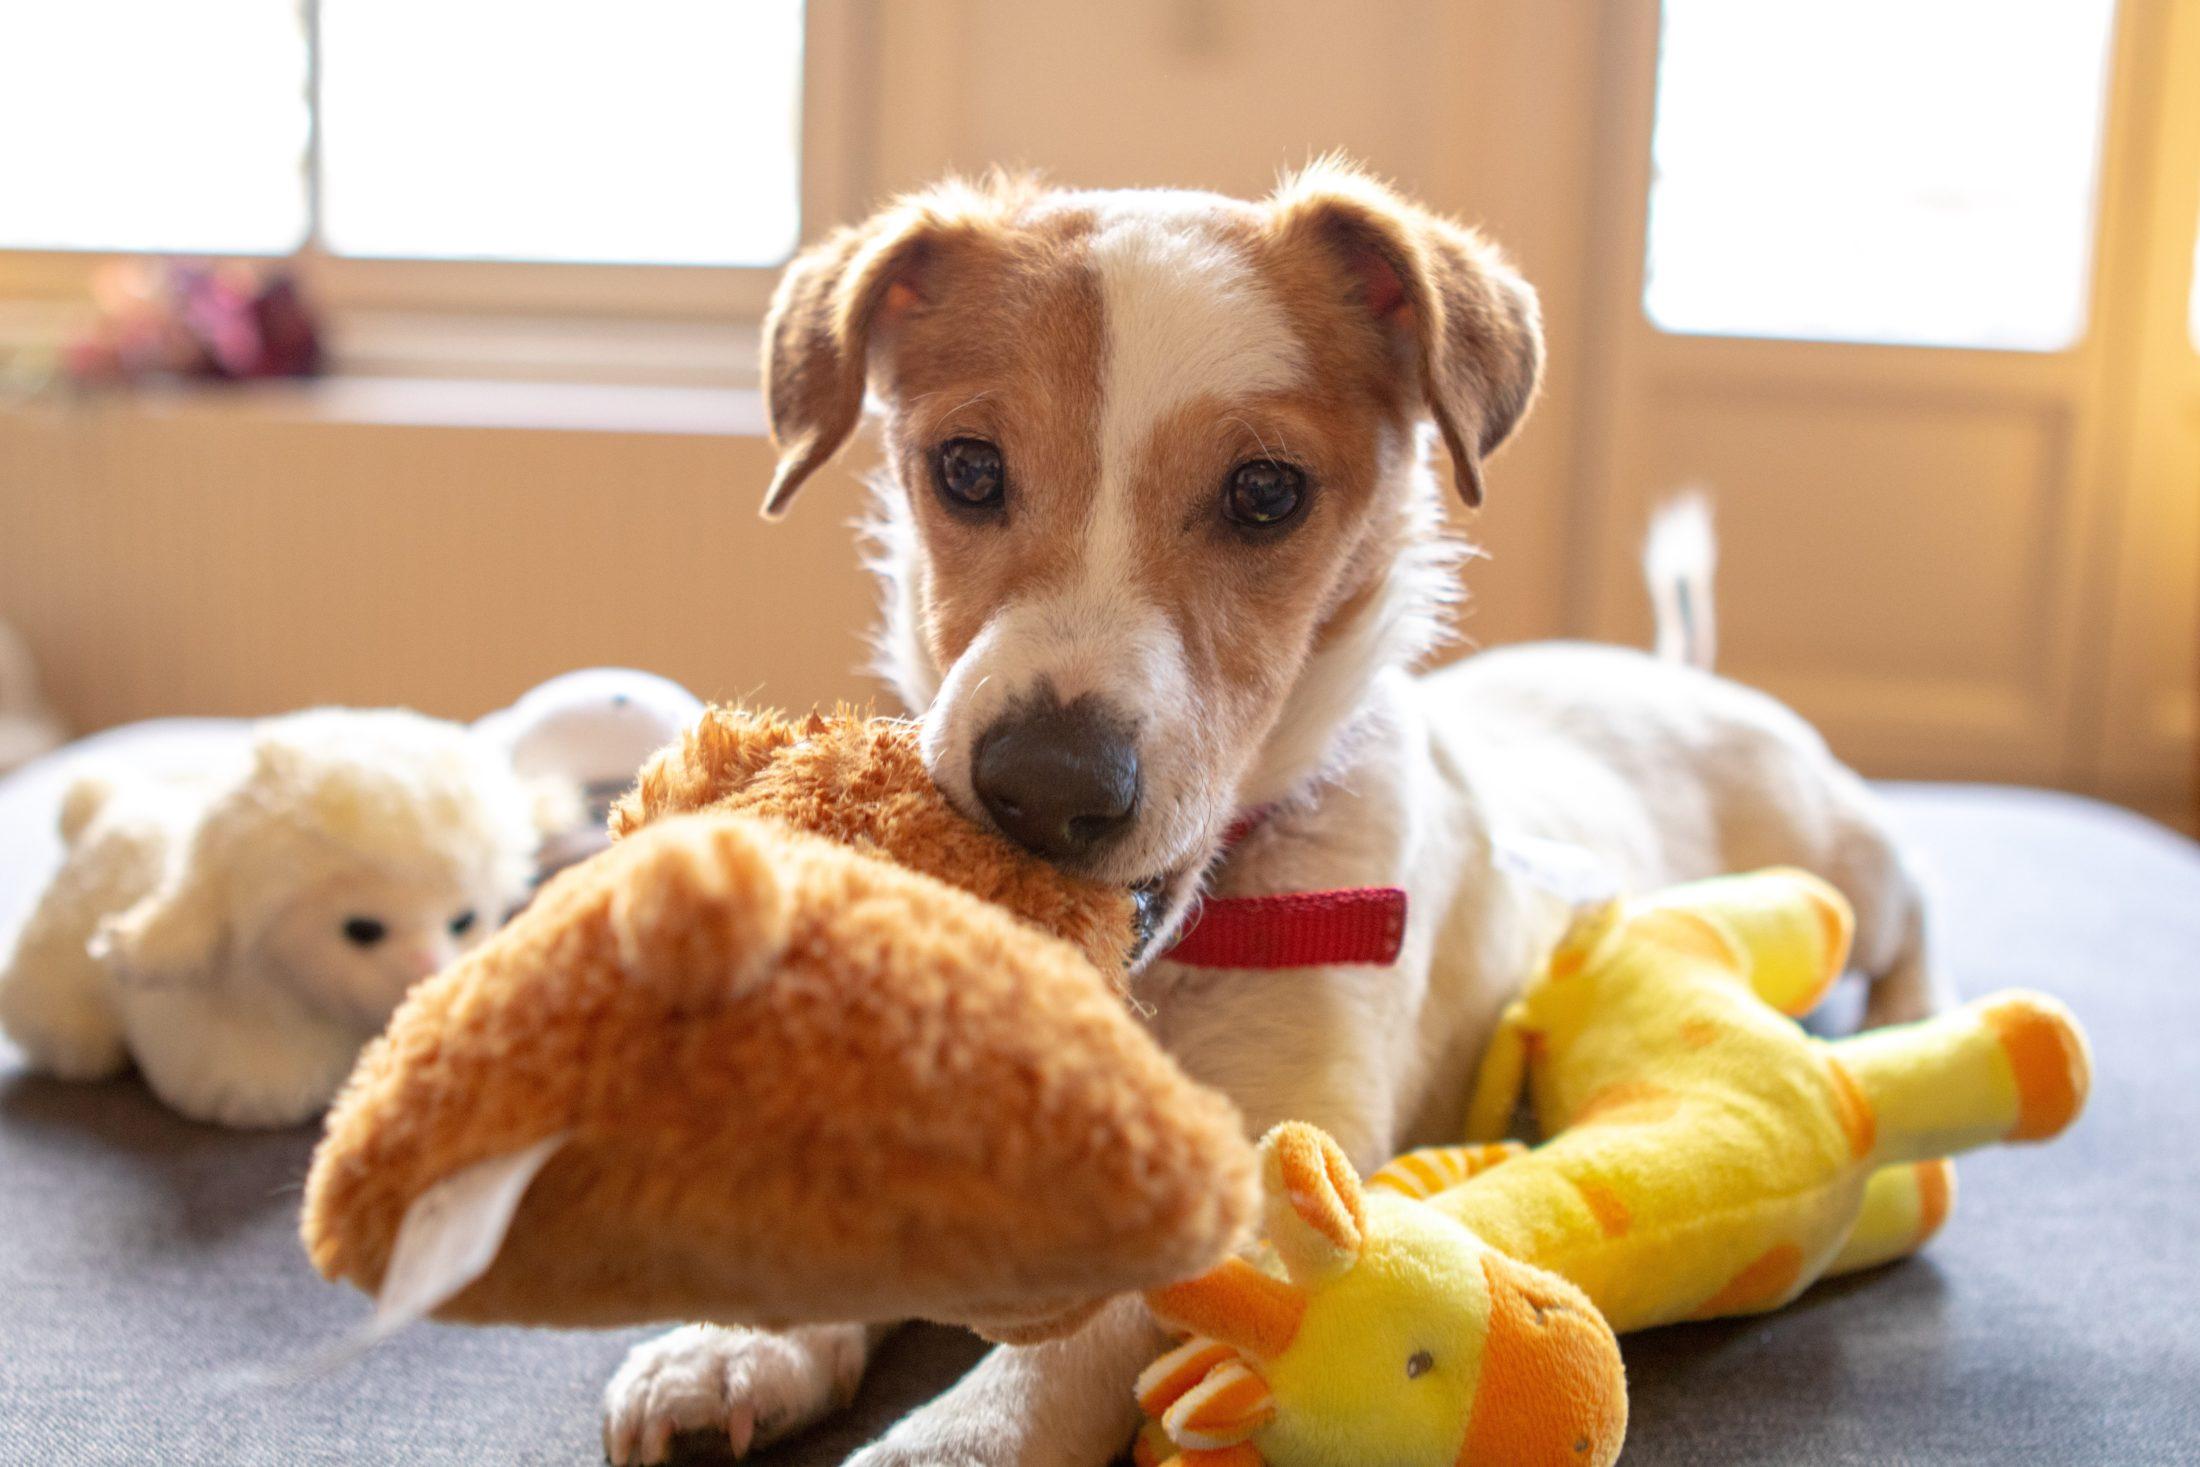 Ensinar a guardar os brinquedos depois das brincadeiras com cachorro é excelente treinamento.